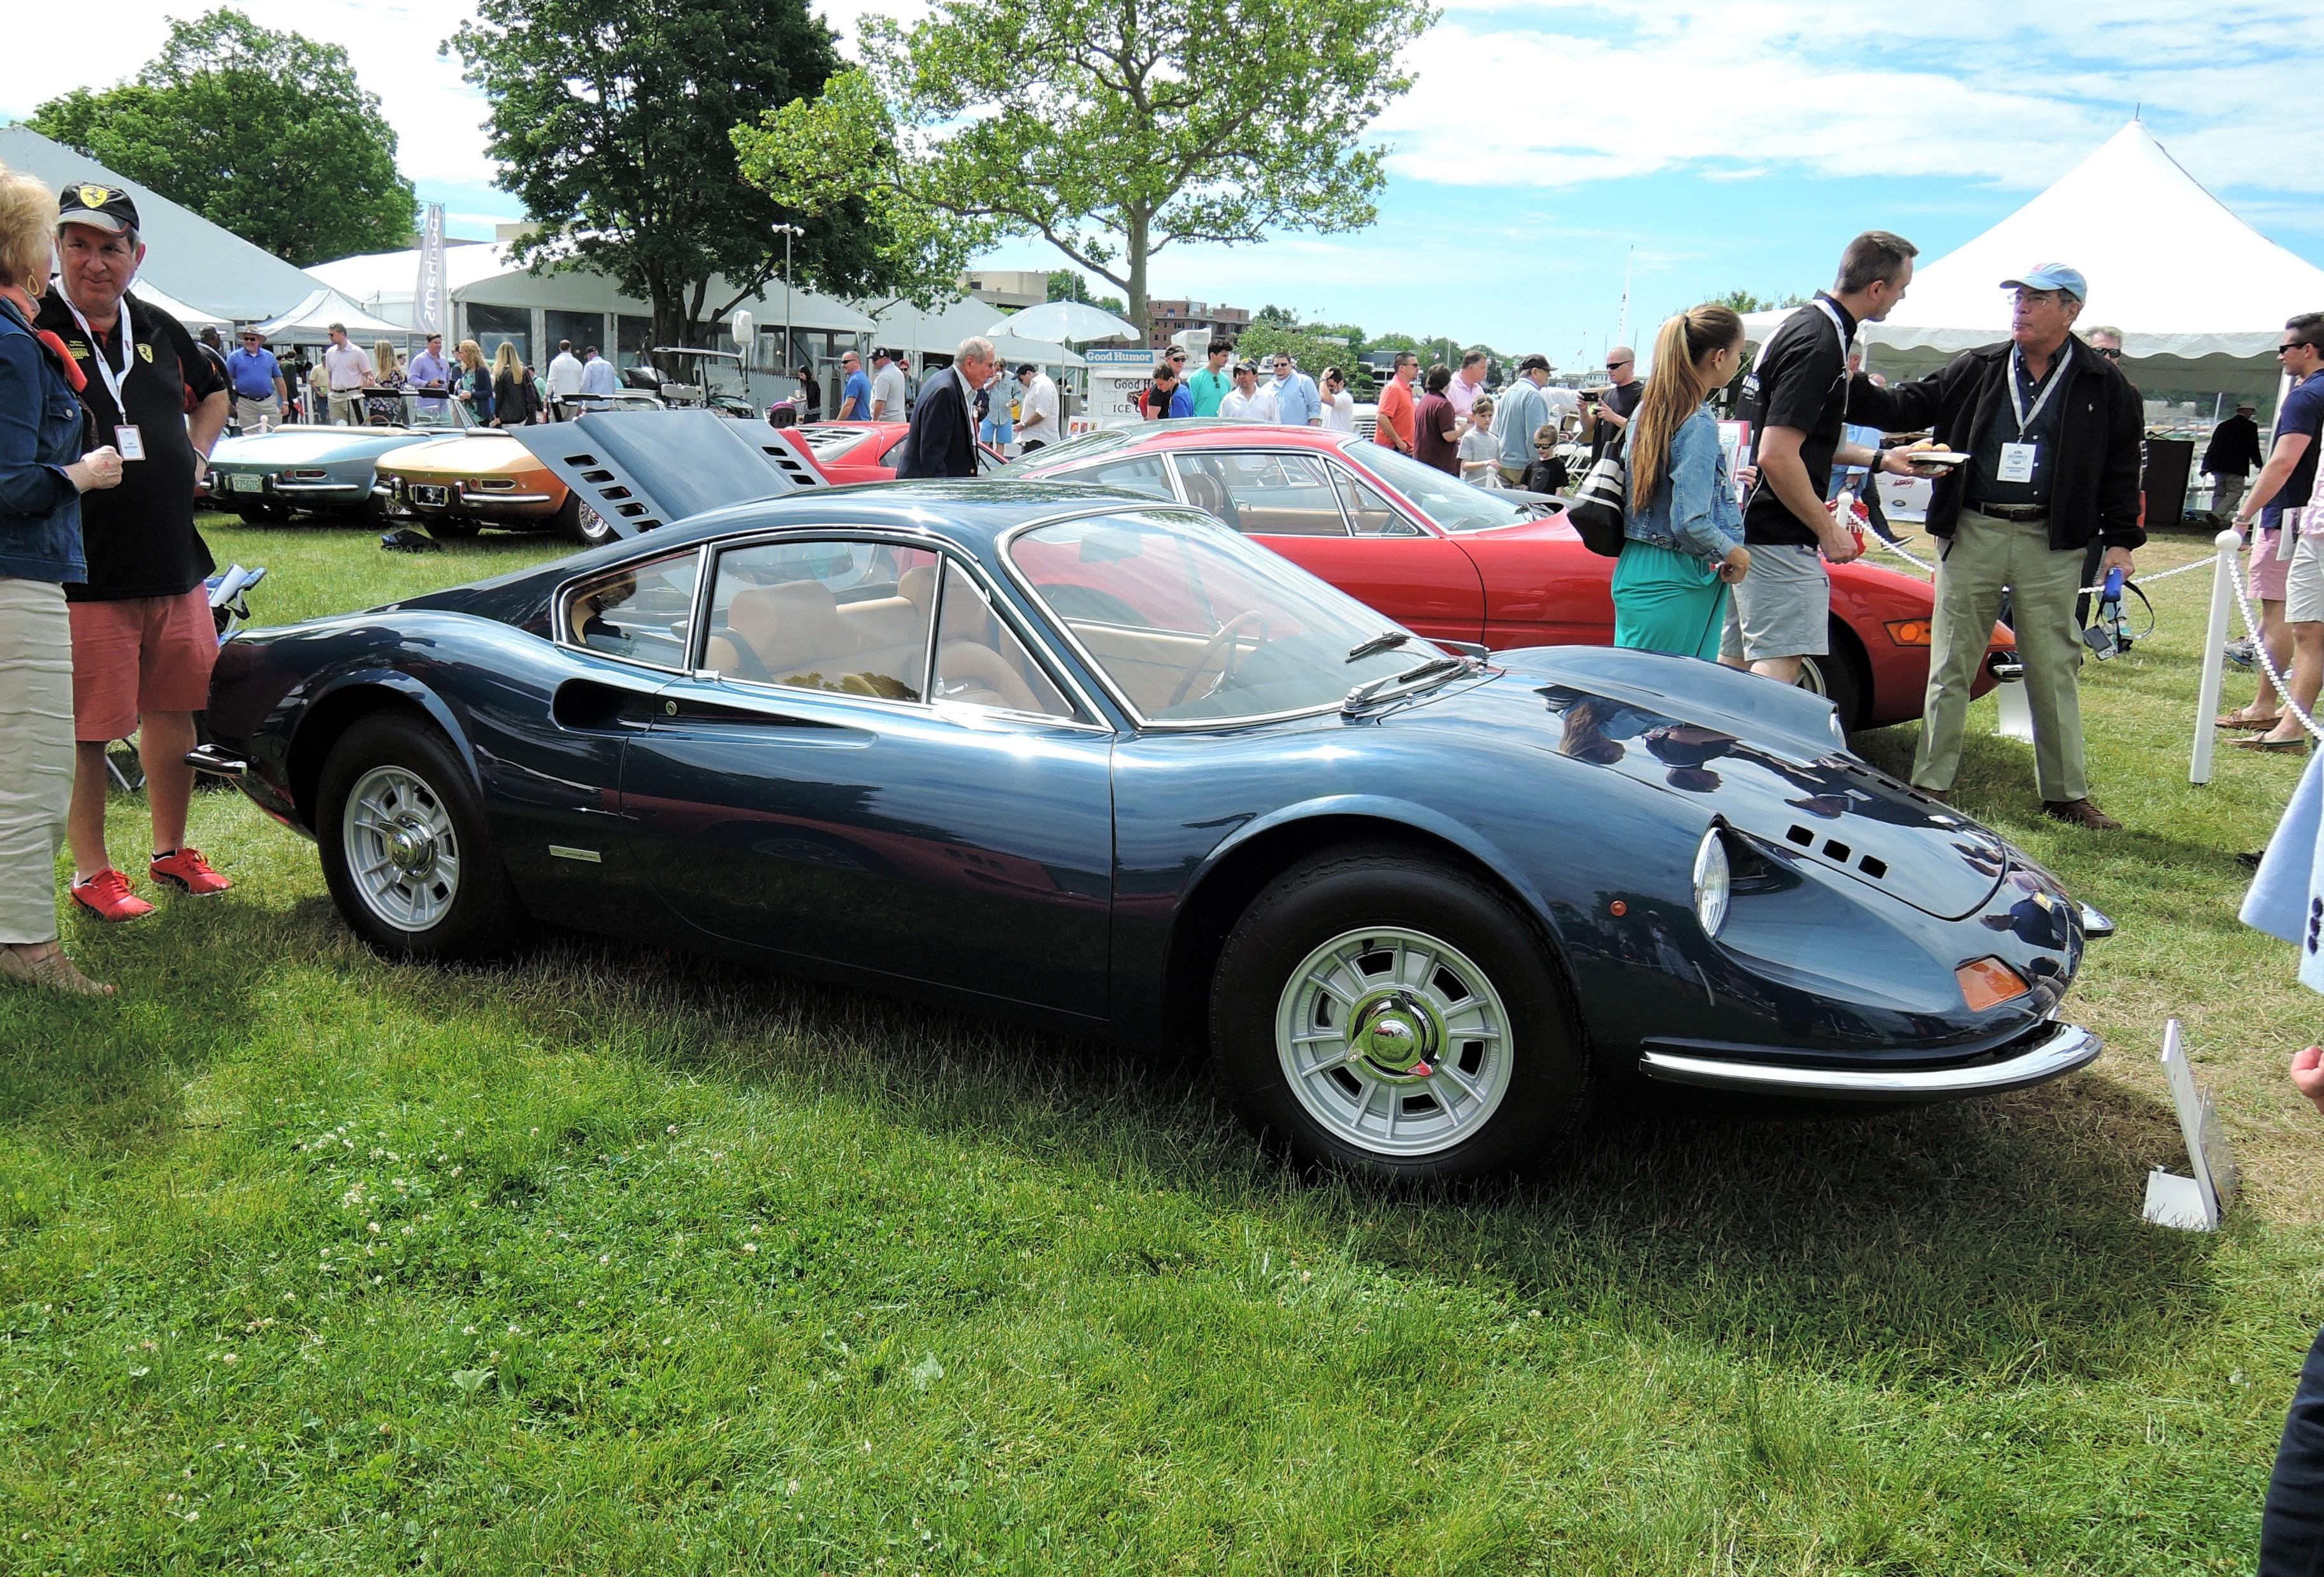 black 1970 Ferrari Dino 246 GT 'L-Series - Greenwich Concours d'Elegance 2017